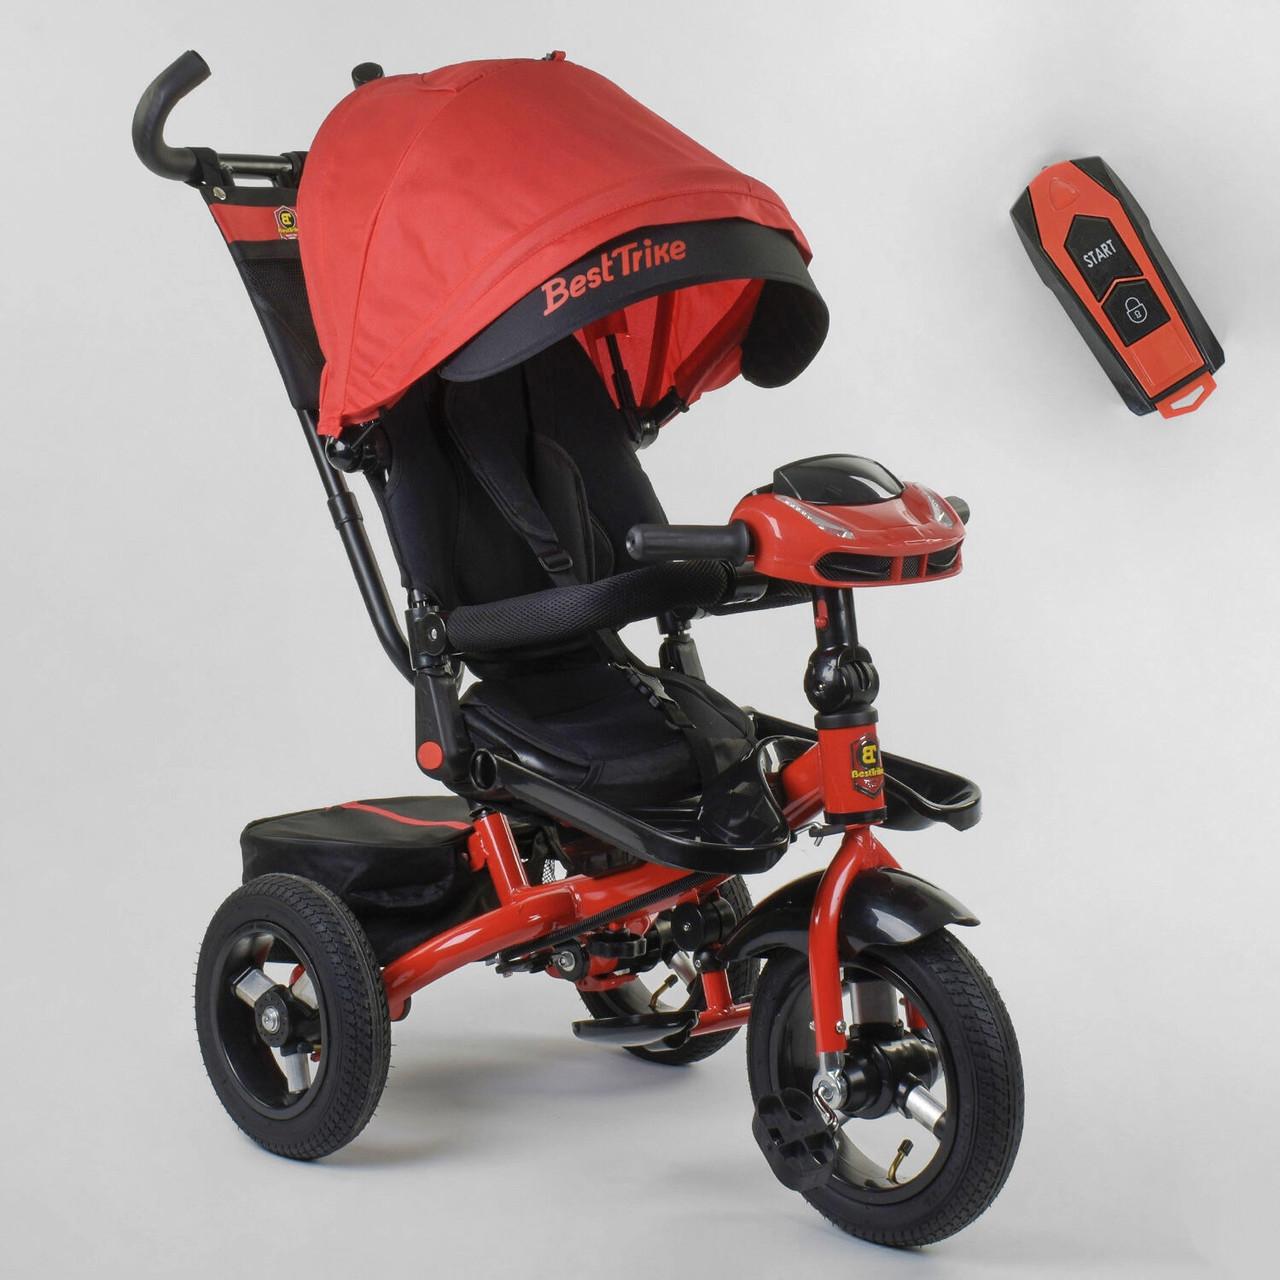 Детский 3-х колёсный велосипед с поворотным сиденьем Best Trike 6088 F - 07-101 Красный (надувные колеса)